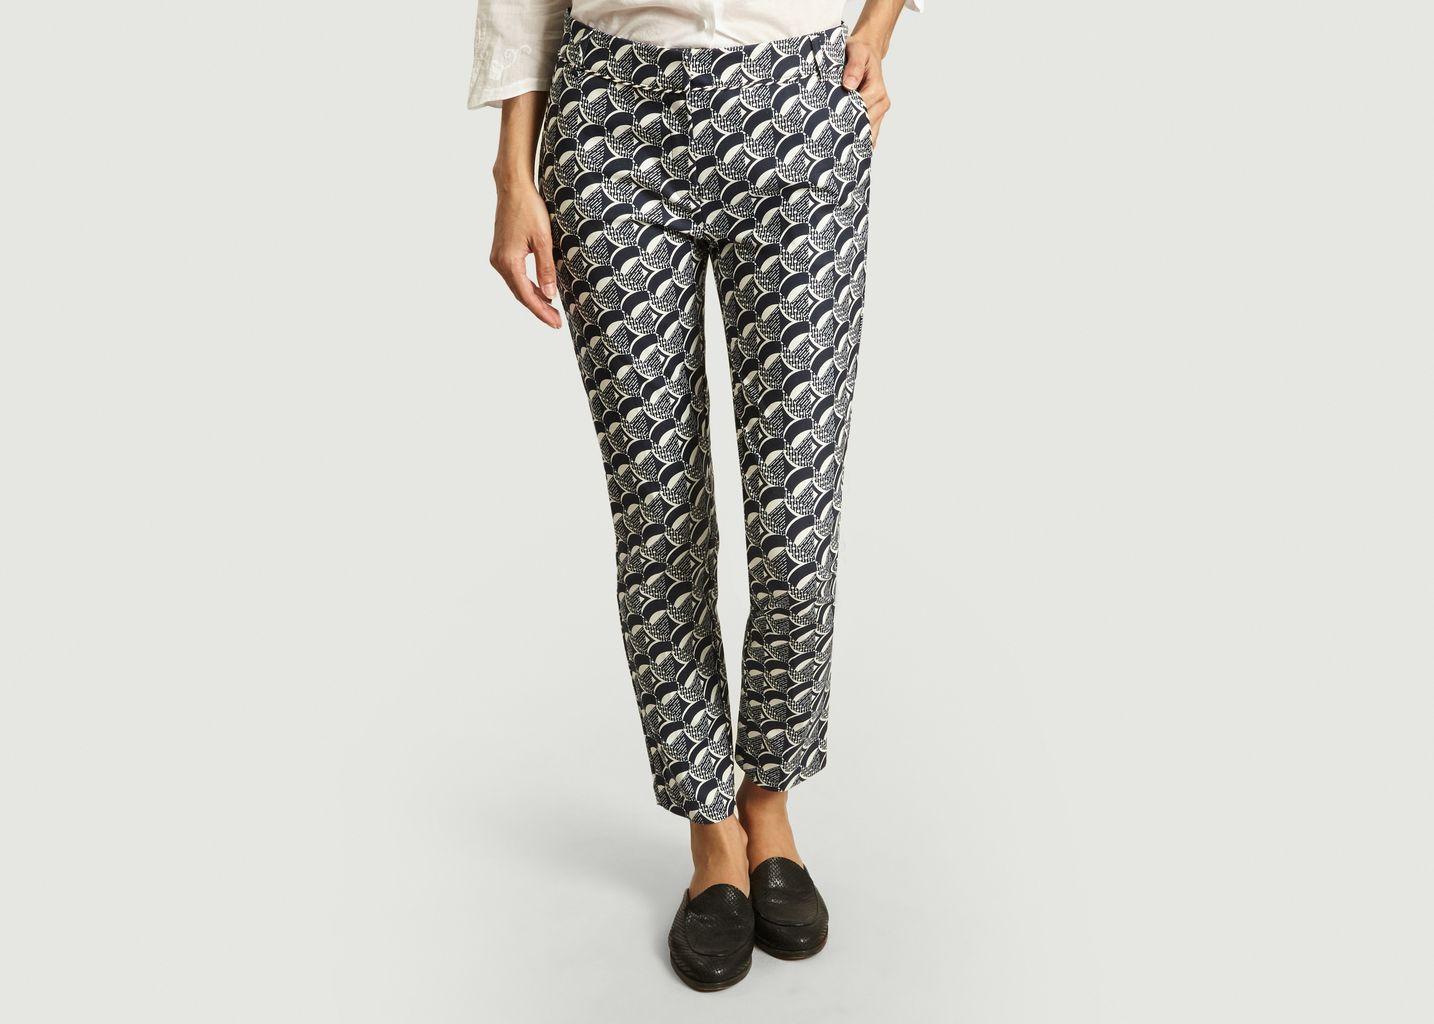 Pantalon Pénible - La Petite Française